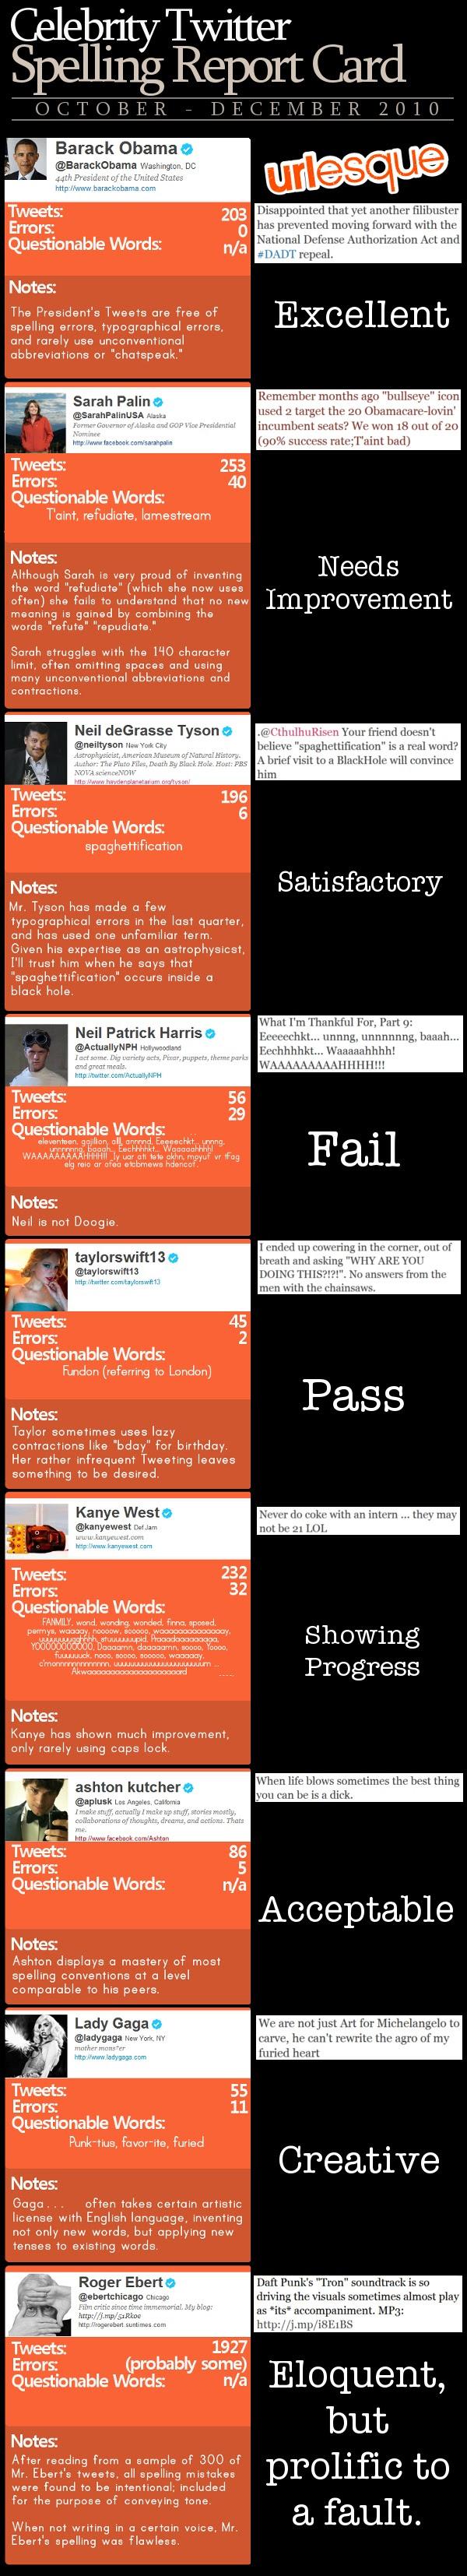 Celebrity Twitter Spelling Rep